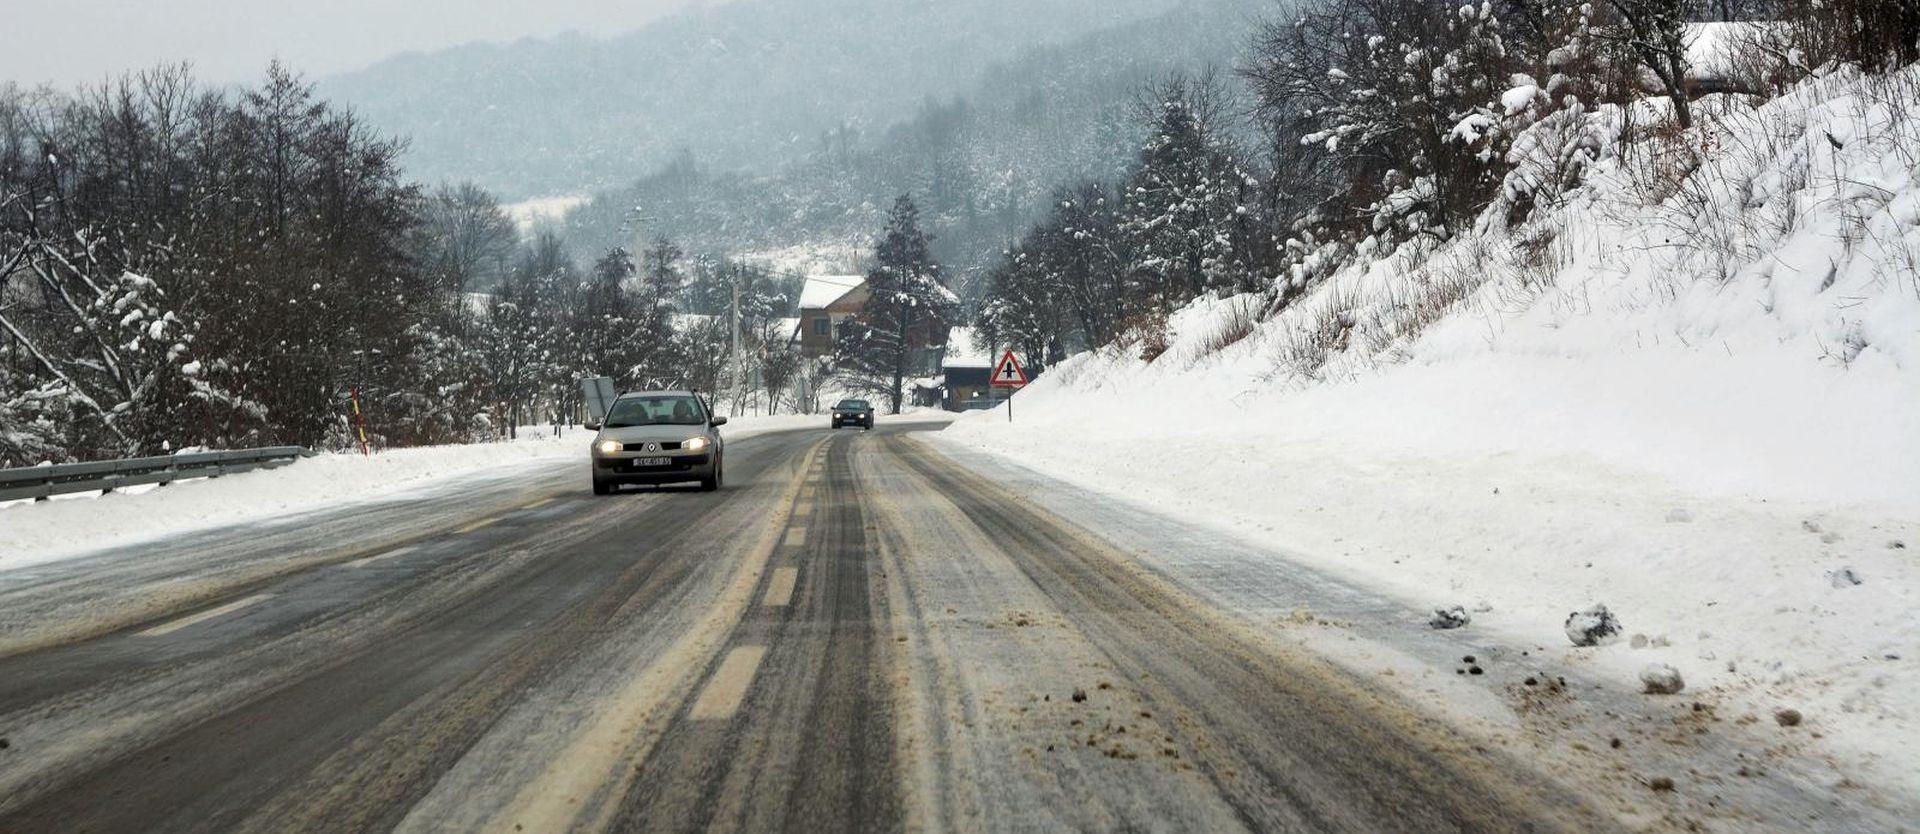 Snijeg otežava vožnju, prekidi u pomorskom prometu